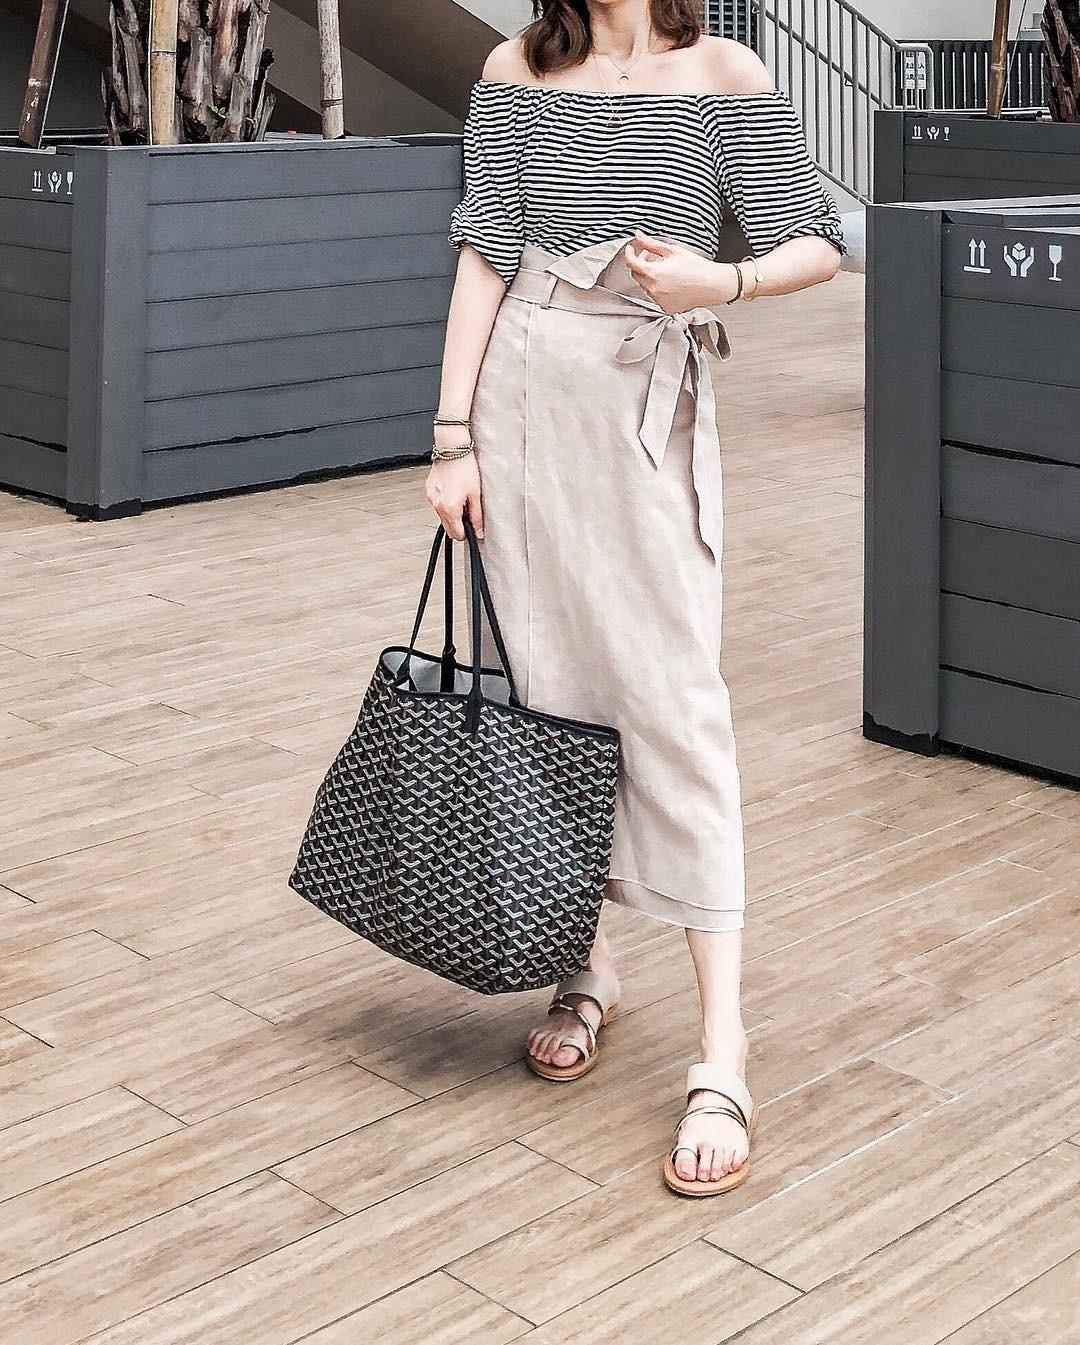 Ít ai biết rằng: Chân váy cũng có thể kéo chân dài miên man nếu bạn chọn 4 kiểu dáng này - Ảnh 3.